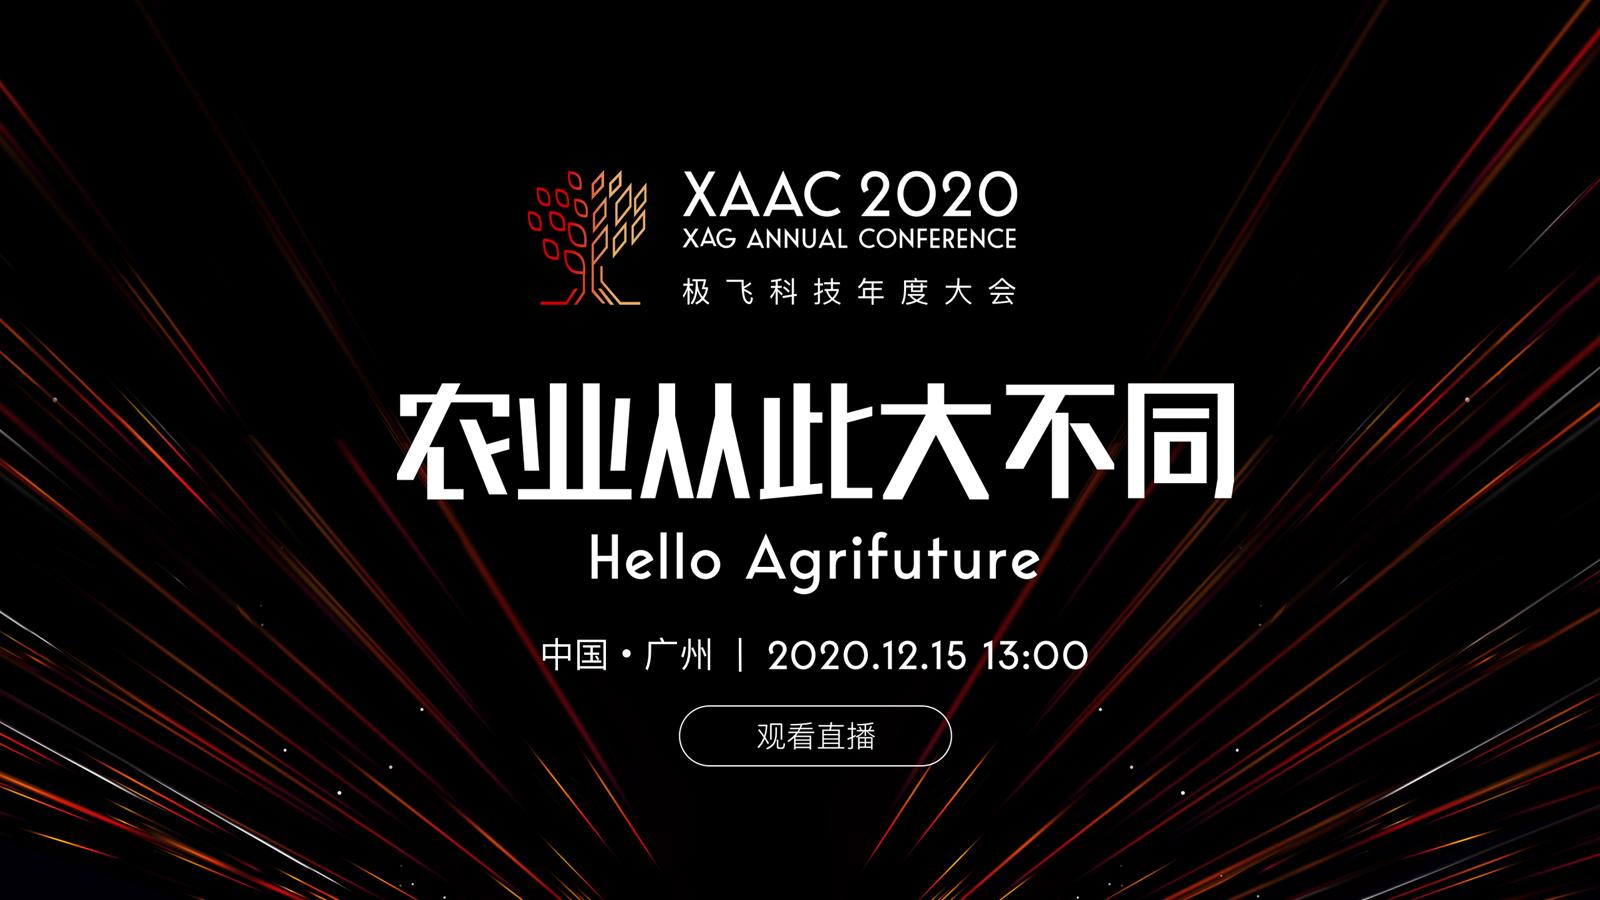 12月15日下午1点:XAAC 2020极飞科技年度大会启幕